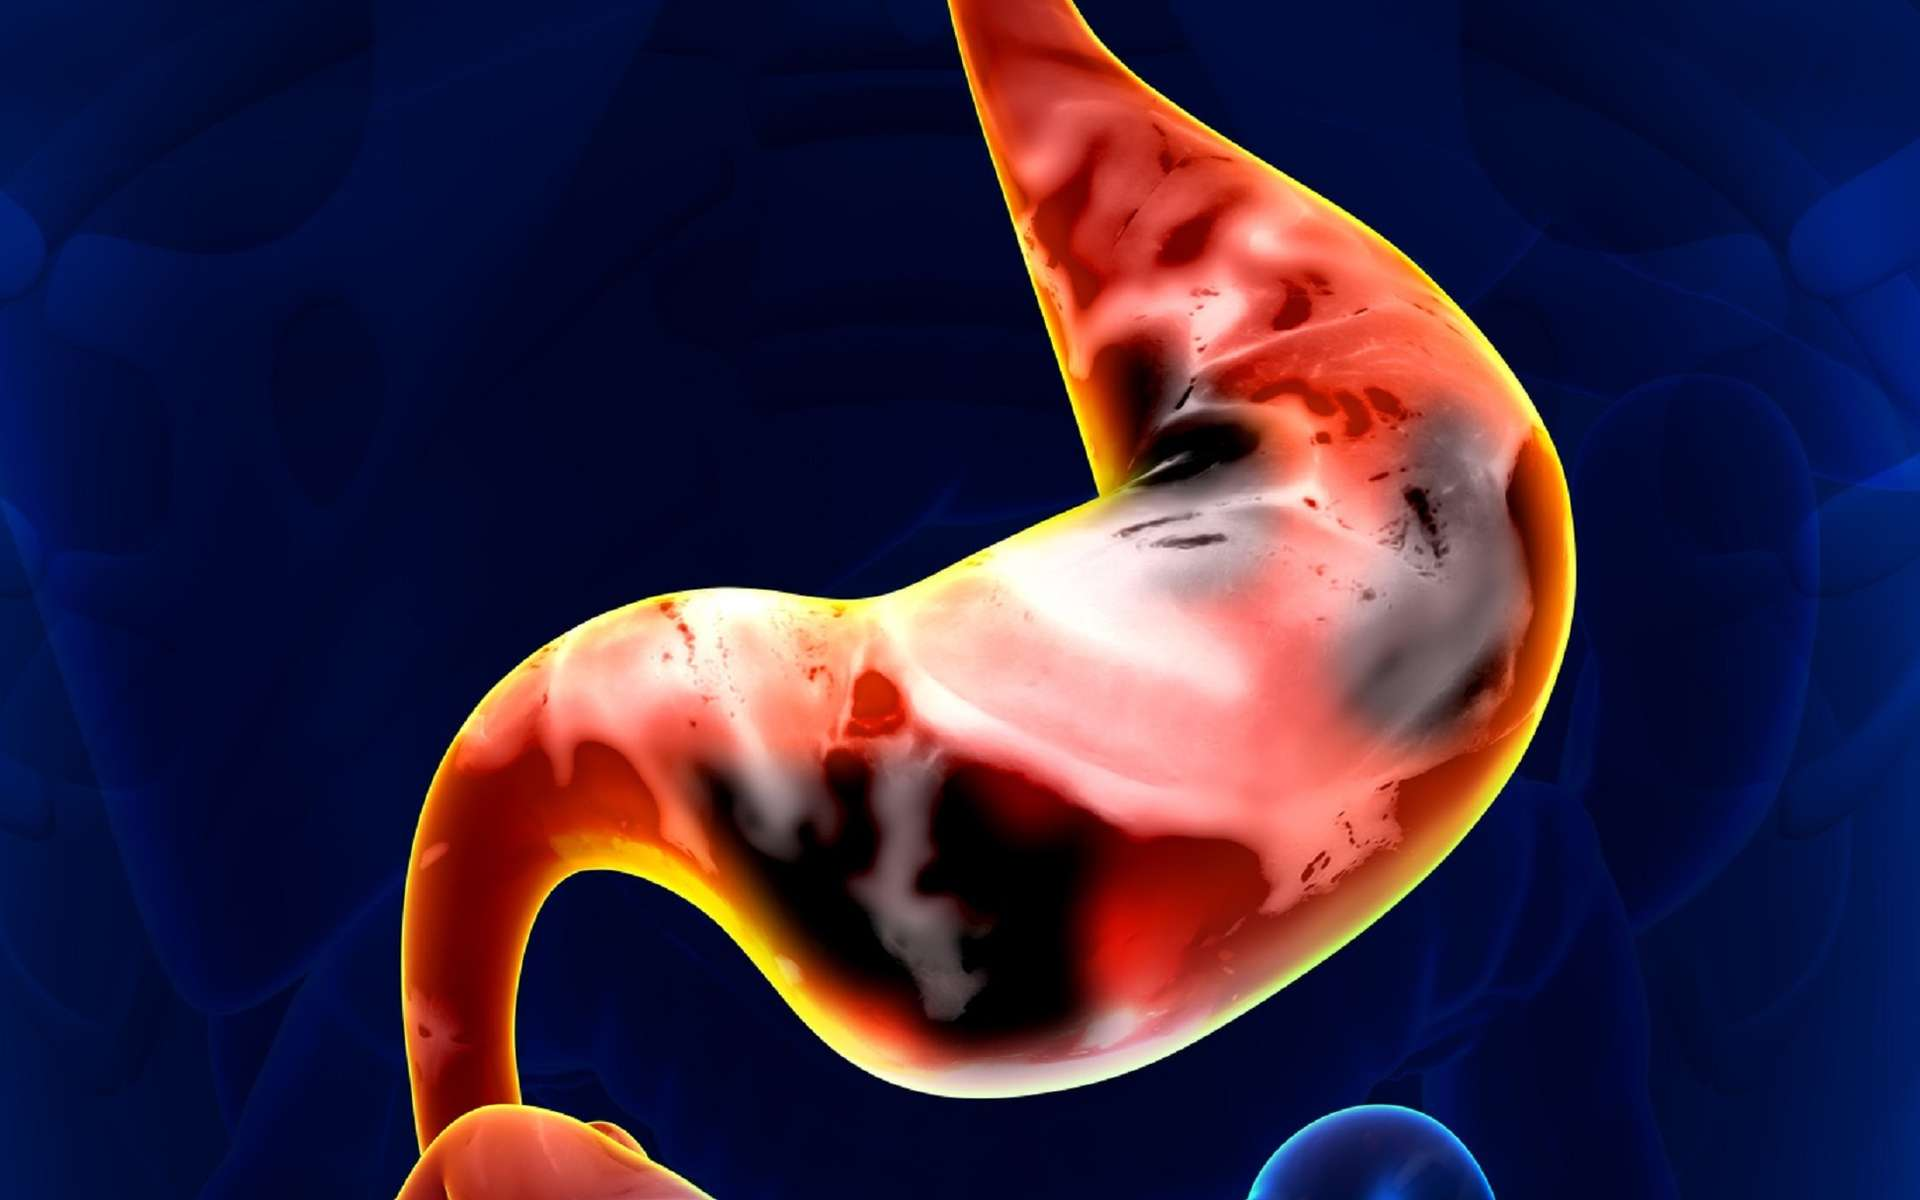 Le cancer de l'estomac touche plus d'hommes que de femmes. © decade3d, Fotolia